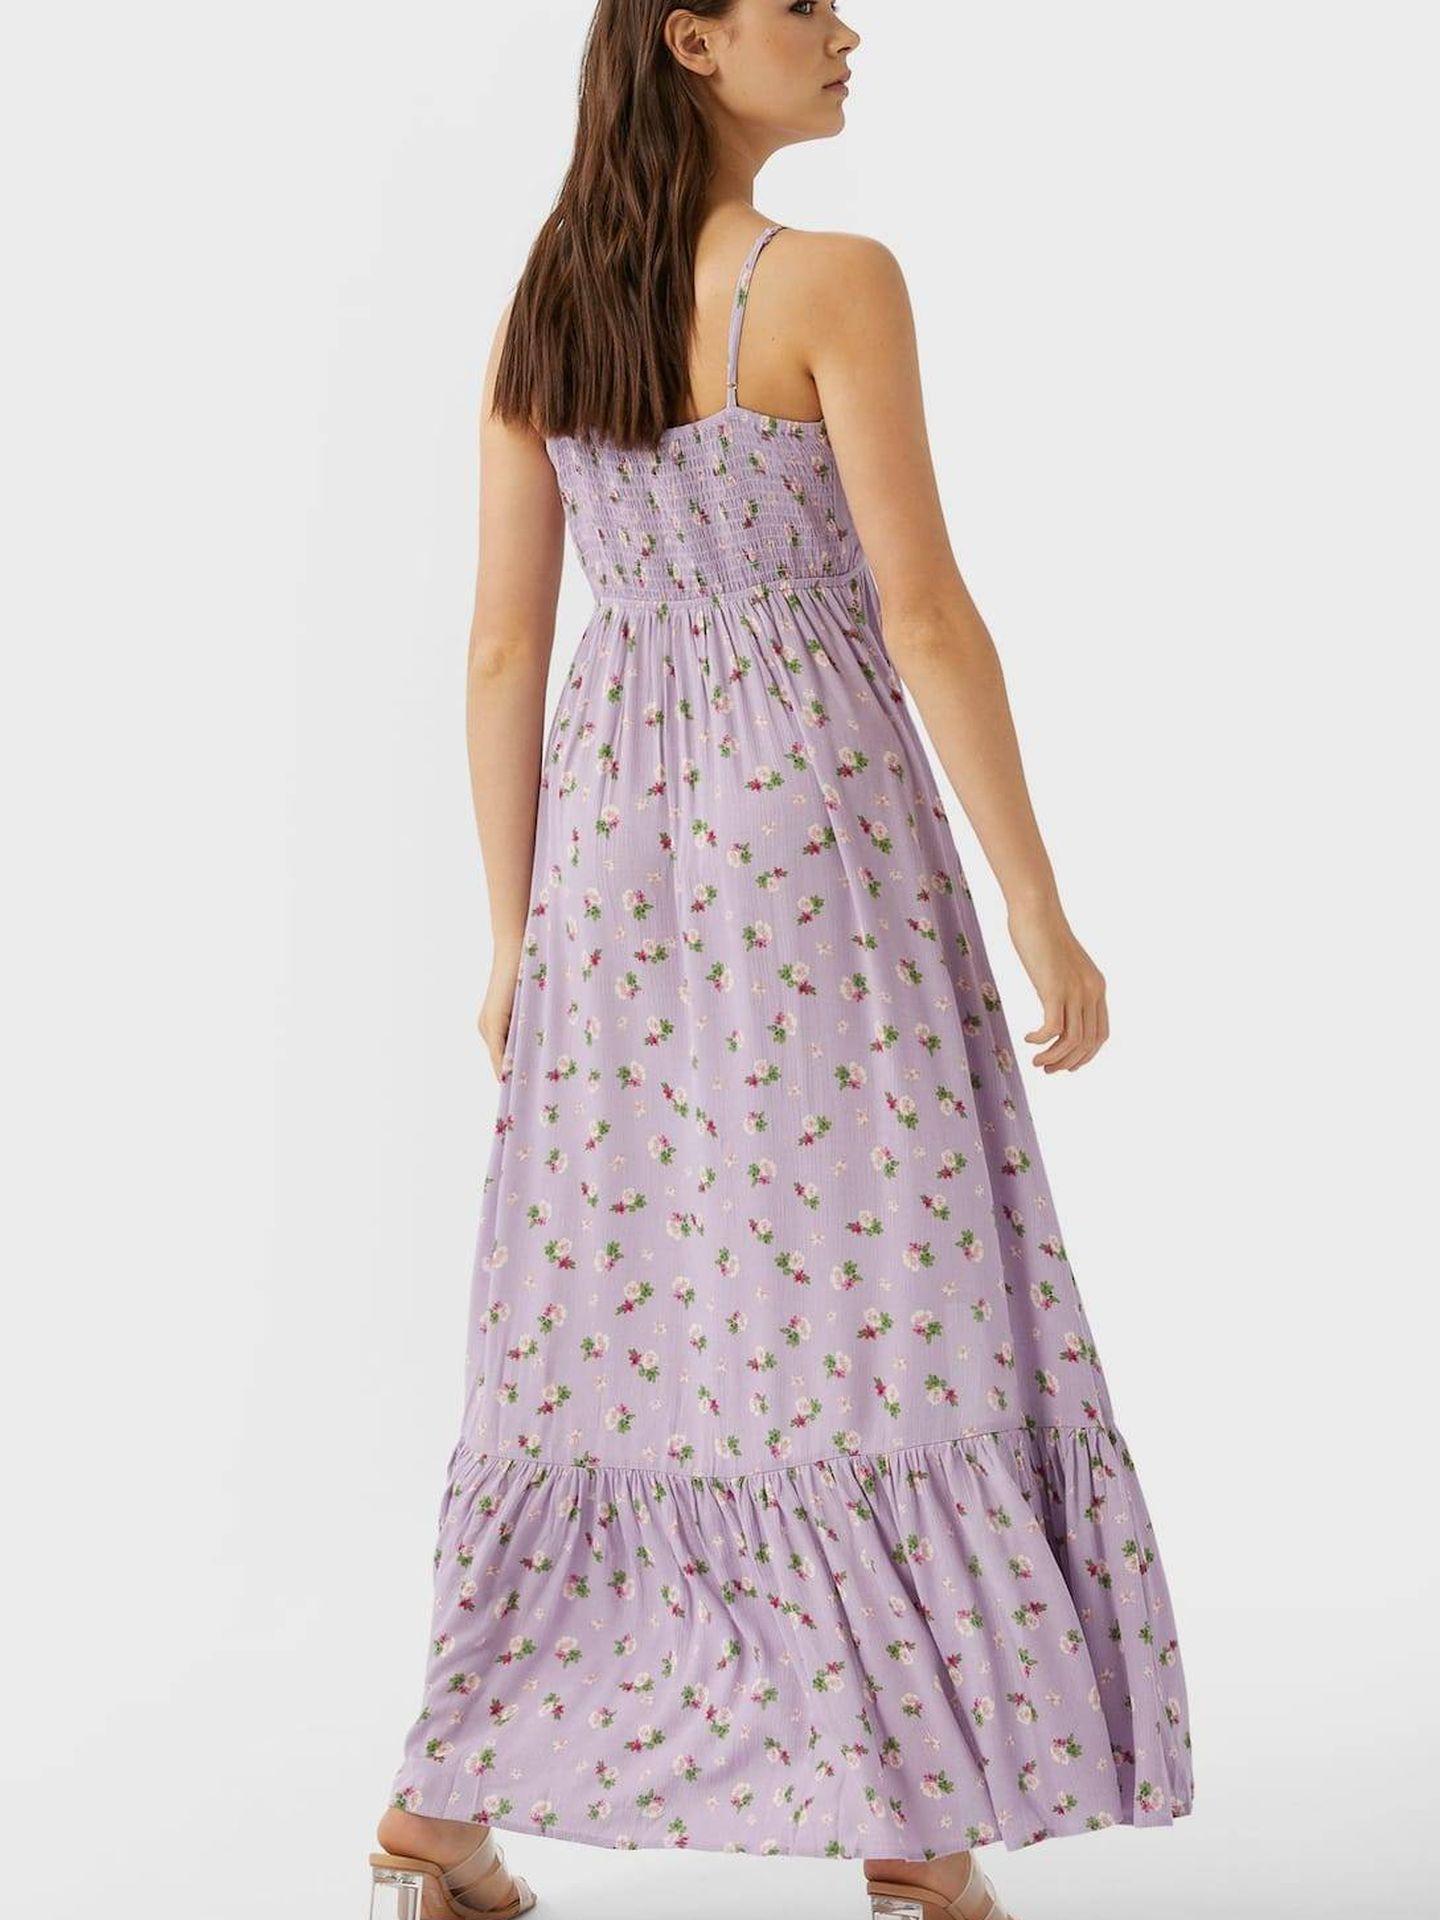 El vestido de Stradivarius. (Cortesía)